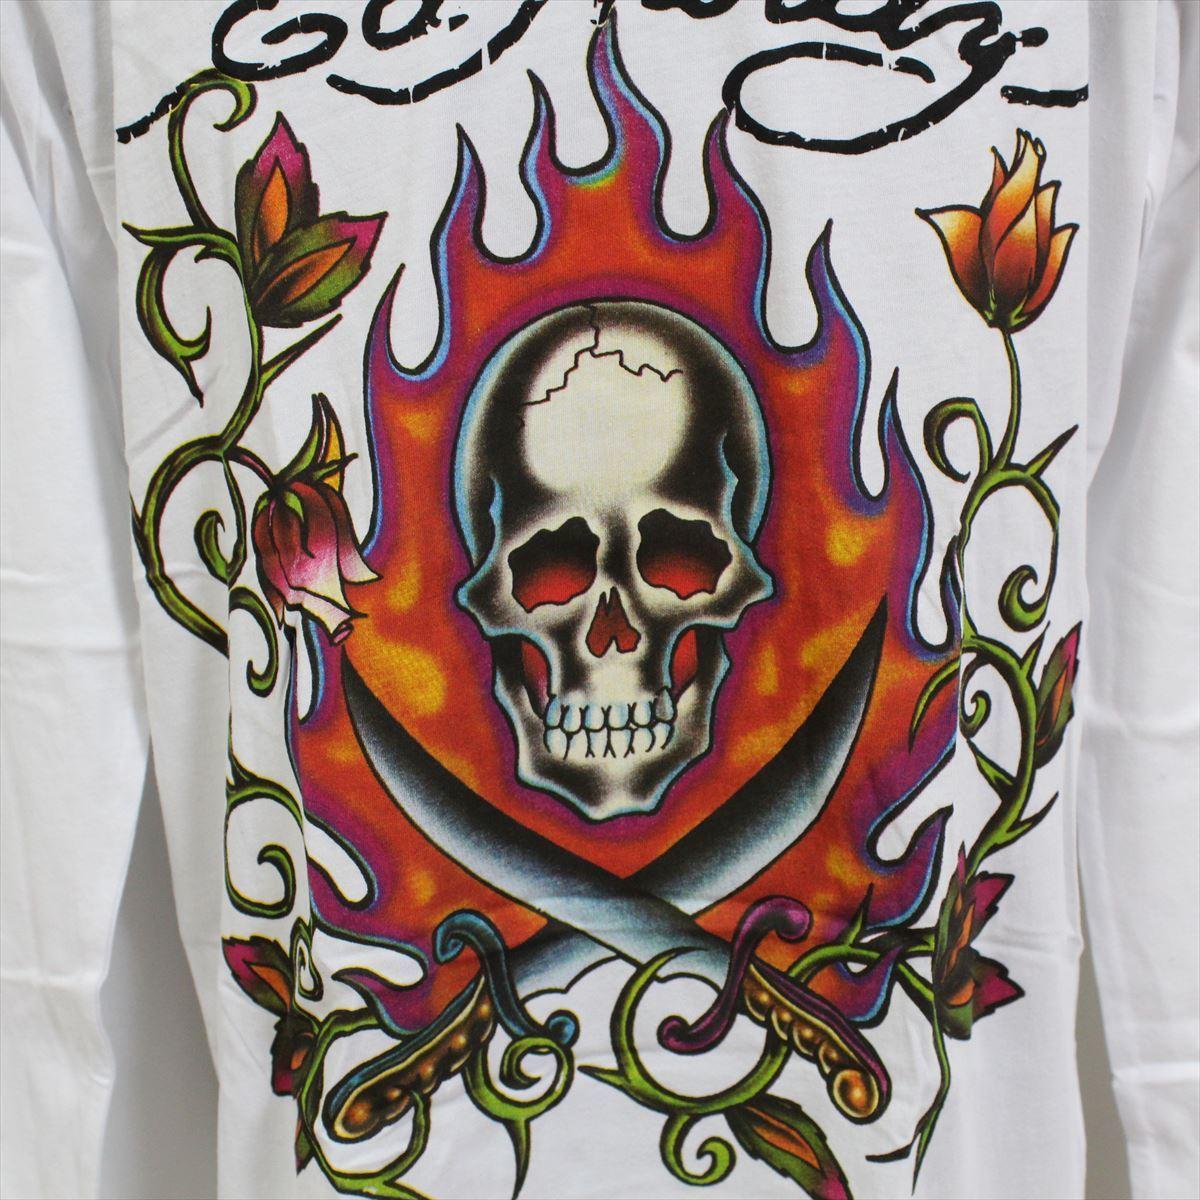 エドハーディー ED HARDY メンズ長袖Tシャツ ホワイト Mサイズ M03GTC303 新品 Vネック 白_画像2